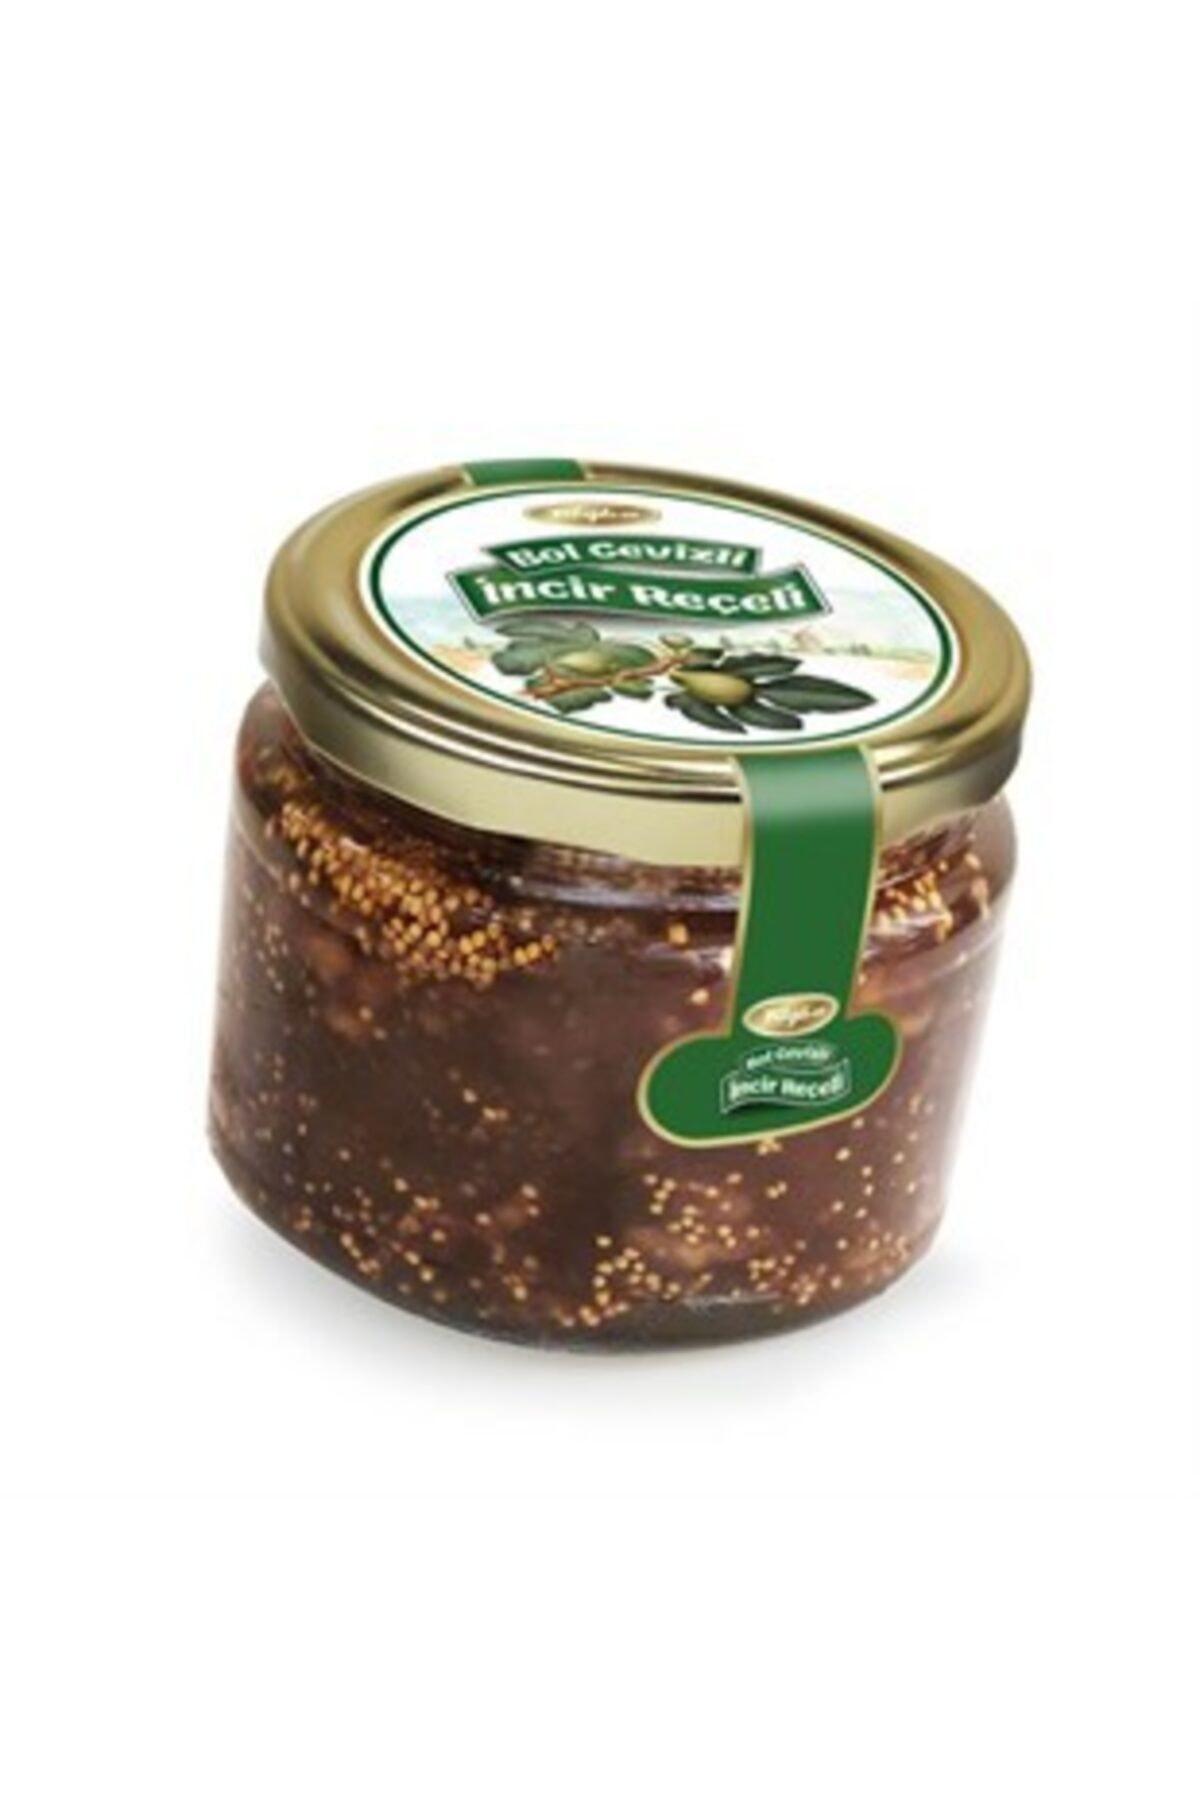 Вкусный здоровый натуральный свежий здоровый афродизиак украшает кожу, укрепляет метаболизм, десерт на завтрак с низким содержанием калор... недорого